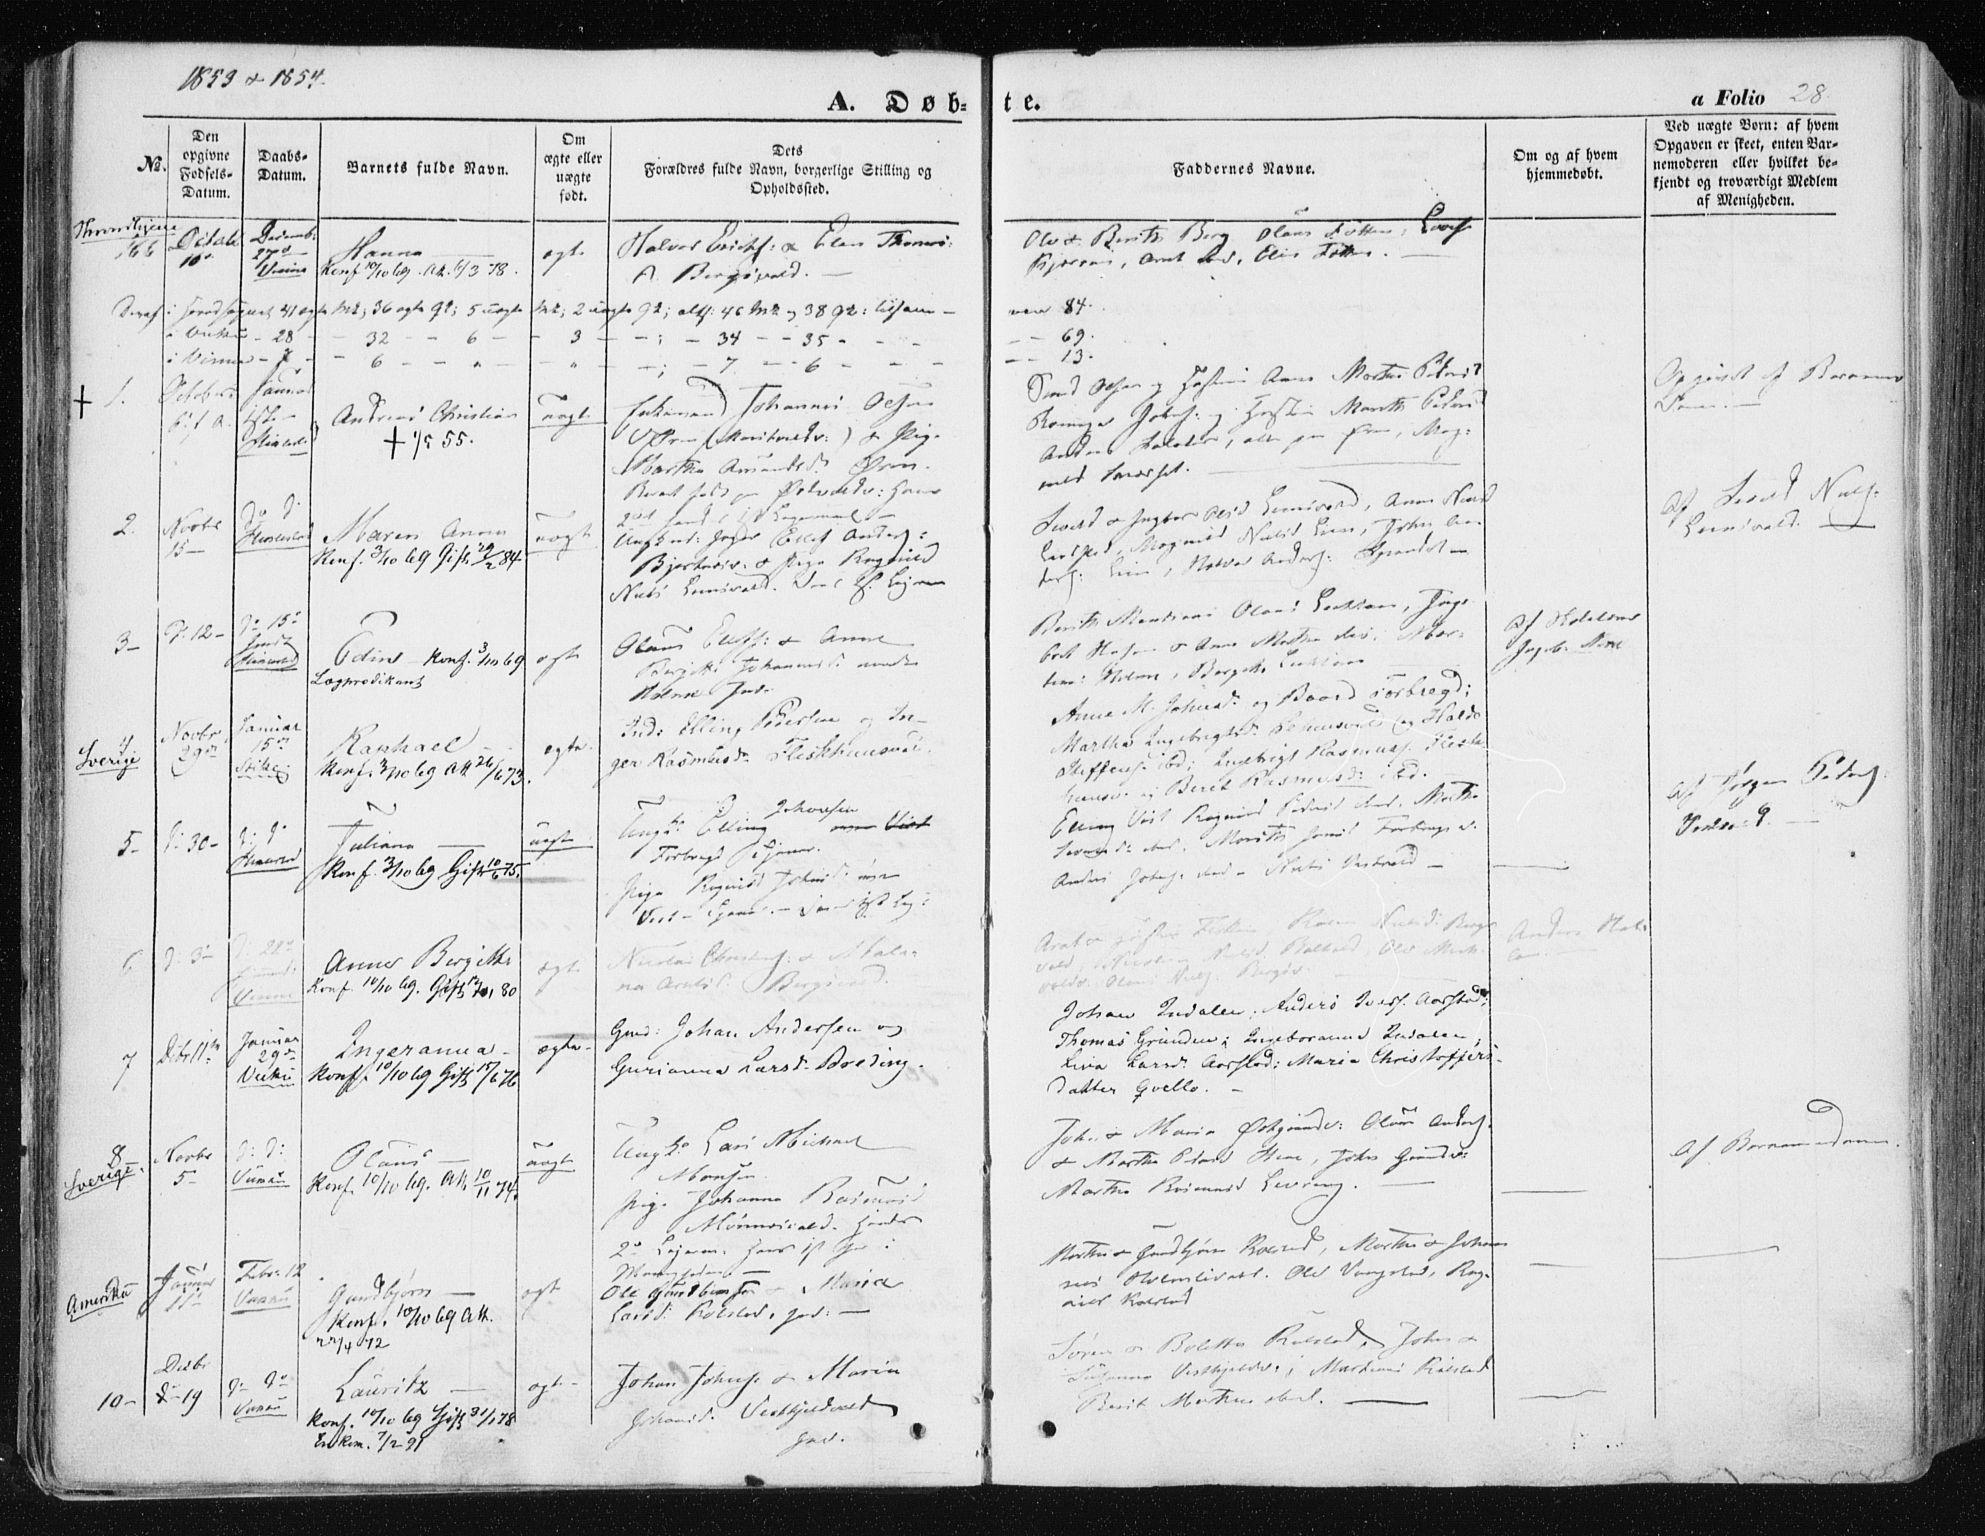 SAT, Ministerialprotokoller, klokkerbøker og fødselsregistre - Nord-Trøndelag, 723/L0240: Ministerialbok nr. 723A09, 1852-1860, s. 28